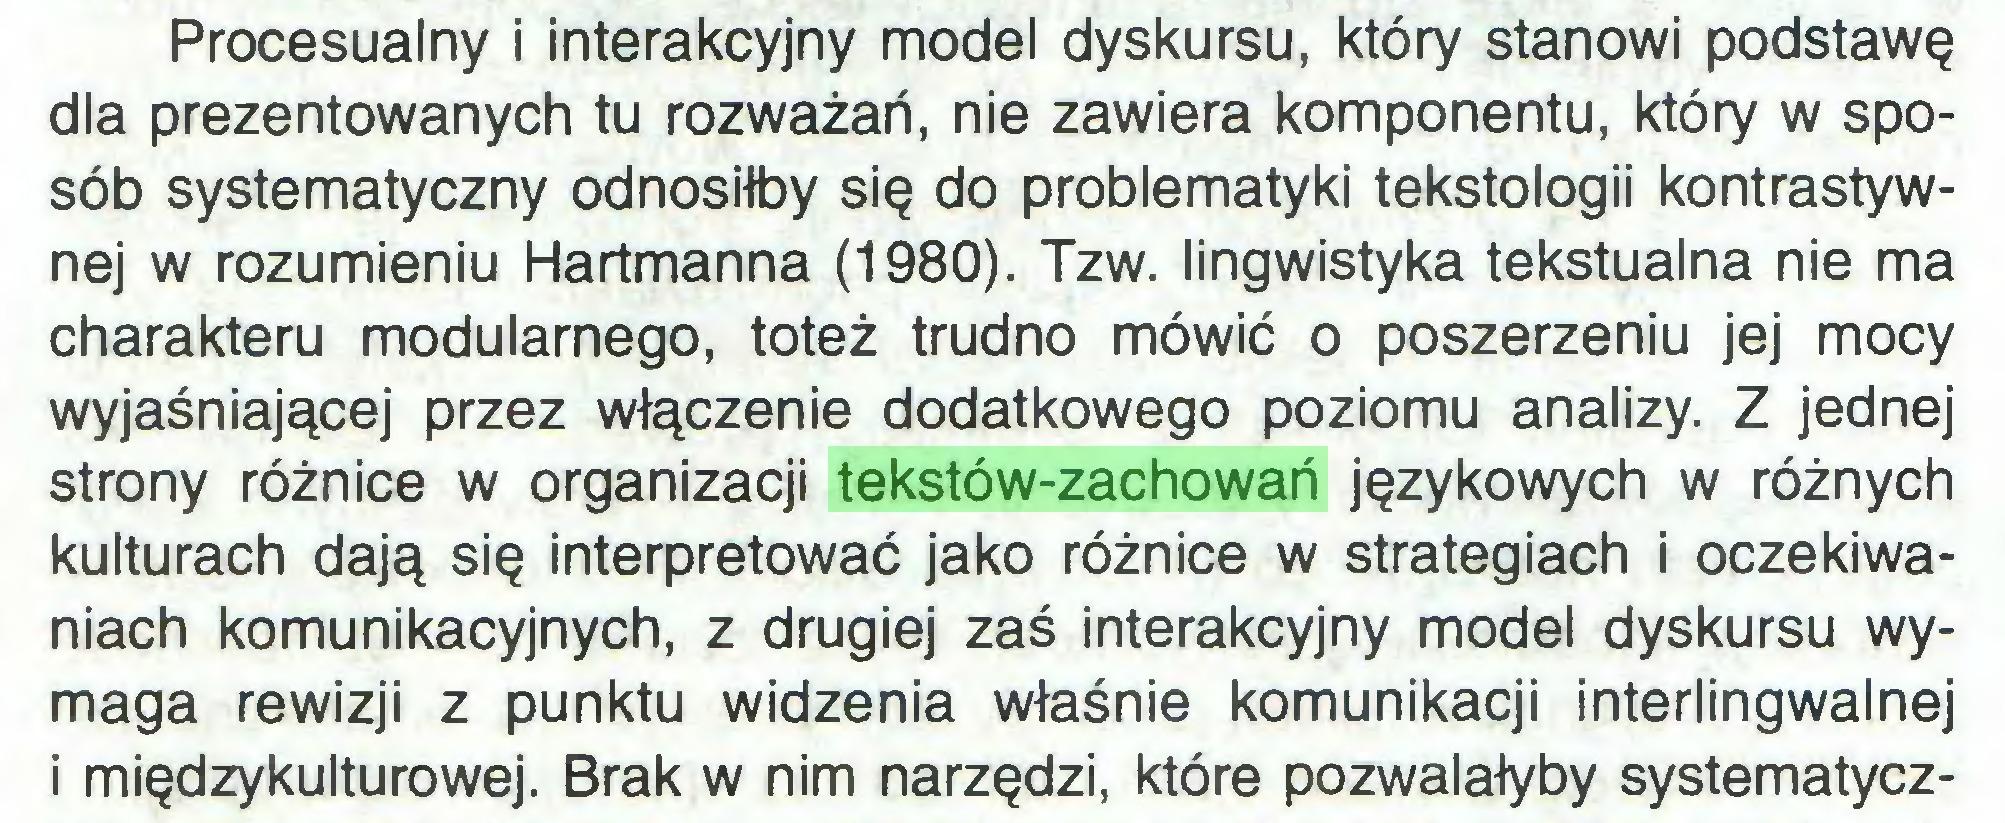 (...) Procesualny i interakcyjny model dyskursu, który stanowi podstawę dla prezentowanych tu rozważań, nie zawiera komponentu, który w sposób systematyczny odnosiłby się do problematyki tekstologii kontrastywnej w rozumieniu Hartmanna (1980). Tzw. lingwistyka tekstualna nie ma charakteru modularnego, toteż trudno mówić o poszerzeniu jej mocy wyjaśniającej przez włączenie dodatkowego poziomu analizy. Z jednej strony różnice w organizacji tekstów-zachowań językowych w różnych kulturach dają się interpretować jako różnice w strategiach i oczekiwaniach komunikacyjnych, z drugiej zaś interakcyjny model dyskursu wymaga rewizji z punktu widzenia właśnie komunikacji interlingwalnej i międzykulturowej. Brak w nim narzędzi, które pozwalałyby systematycz...